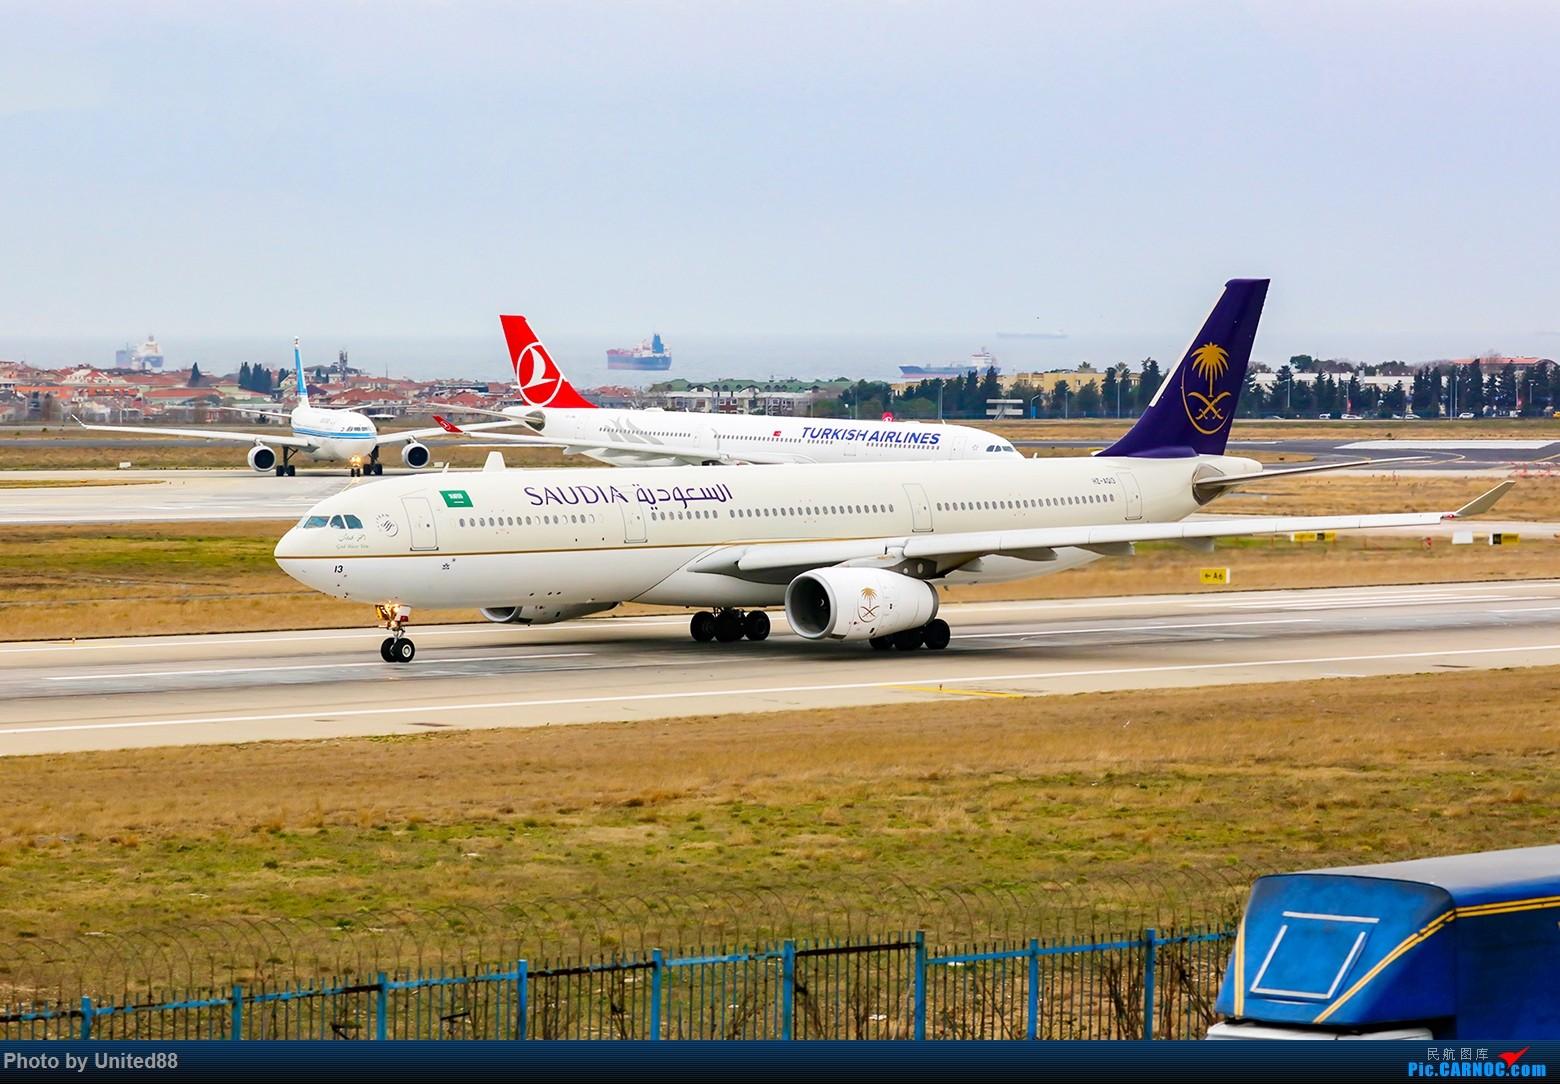 [原创]3.30 3 A330-300 AIRBUS A330-300 HZ-AQ13 土耳其伊斯坦布尔阿塔图尔克机场